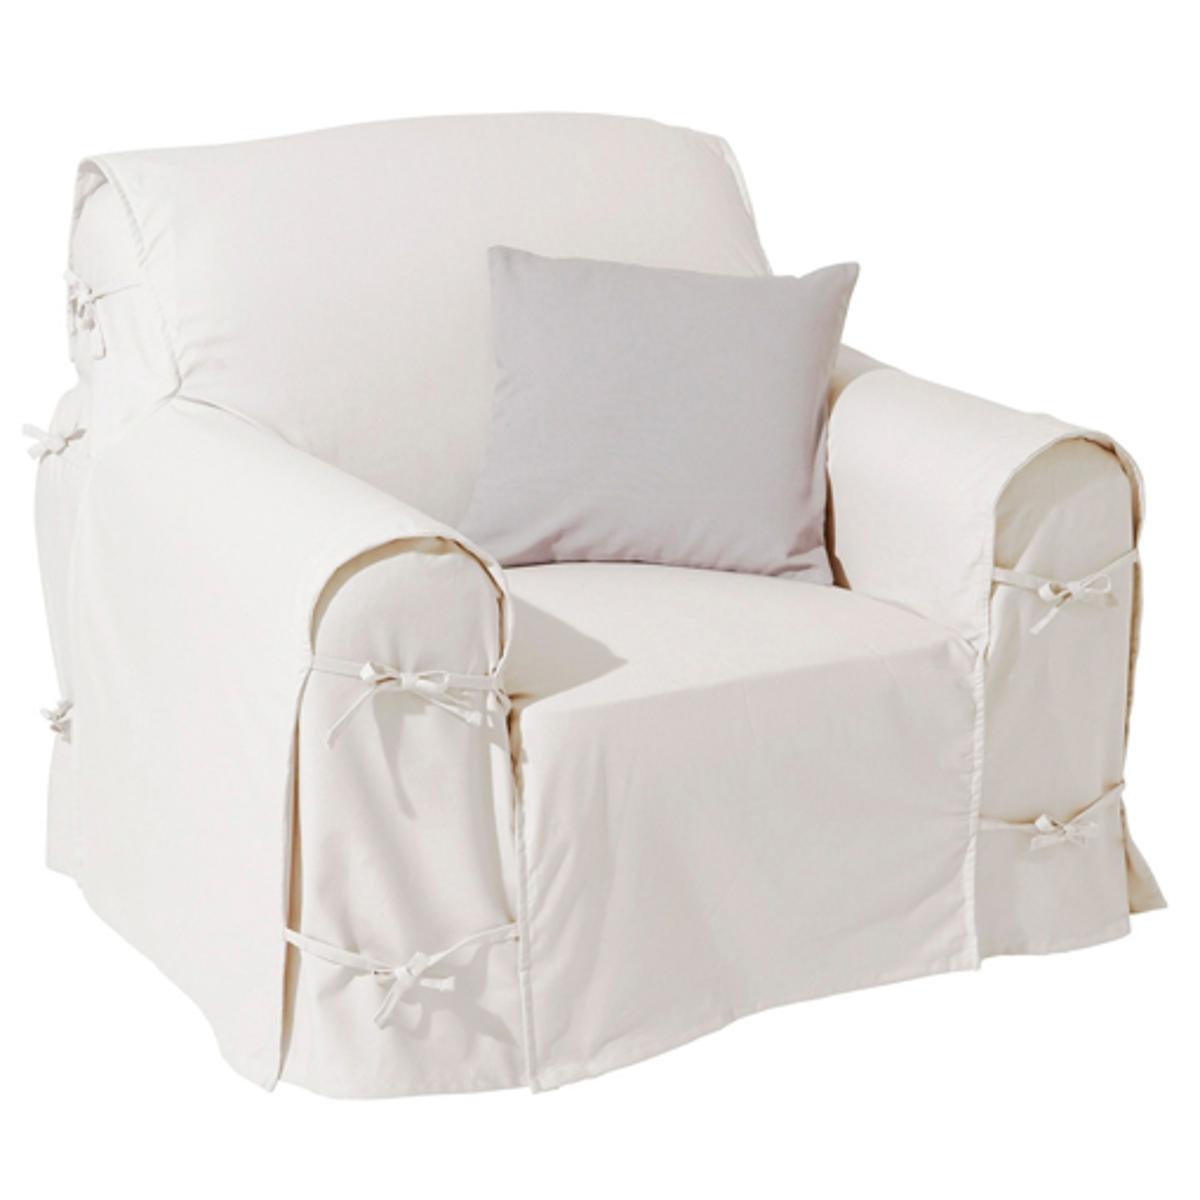 Чехол для креслаПодарите новую жизнь креслу благодаря этому чехлу из 100% хлопка, оцените широкую гамму ультрасовременных цветов!Характеристики чехла для кресла:- Практичный чехол для кресла регулируется завязками. - Красивая плотная ткань из 100% хлопка (220 г/м?).- Обработка против пятен.- Простой уход: стирка при 40°, превосходная стойкость цвета.Размеры чехла для кресла:- Общая высота: 102 см.- Максимальная ширина: 80 см.- Глубина сидения: 60 см.- Высота подлокотников: 66 см.Качество VALEUR S?RE. Производство осуществляется с учетом стандартов по защите окружающей среды и здоровья человека, что подтверждено сертификатом Oeko-tex®.<br><br>Цвет: белый,вишневый,медовый,серо-коричневый,серый жемчужный,синий индиго,темно-серый,черный,экрю<br>Размер: единый размер